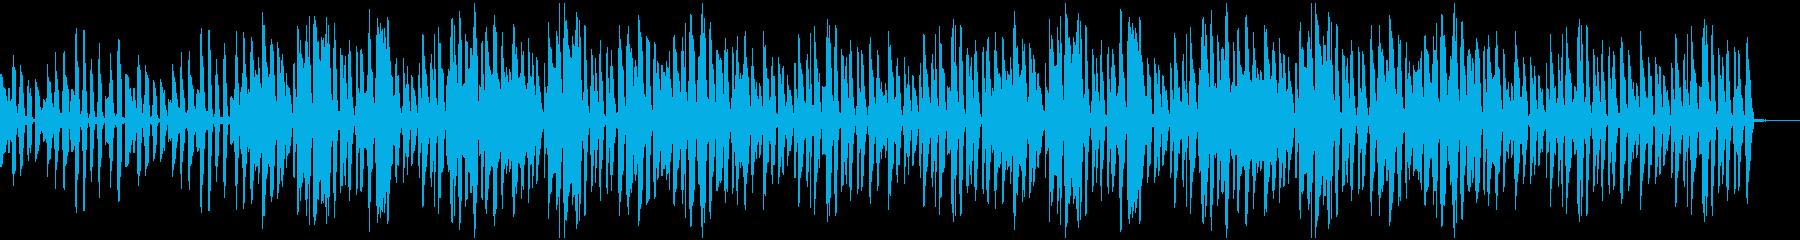 ボサノヴァ風 ほのぼのしたギターサウンドの再生済みの波形